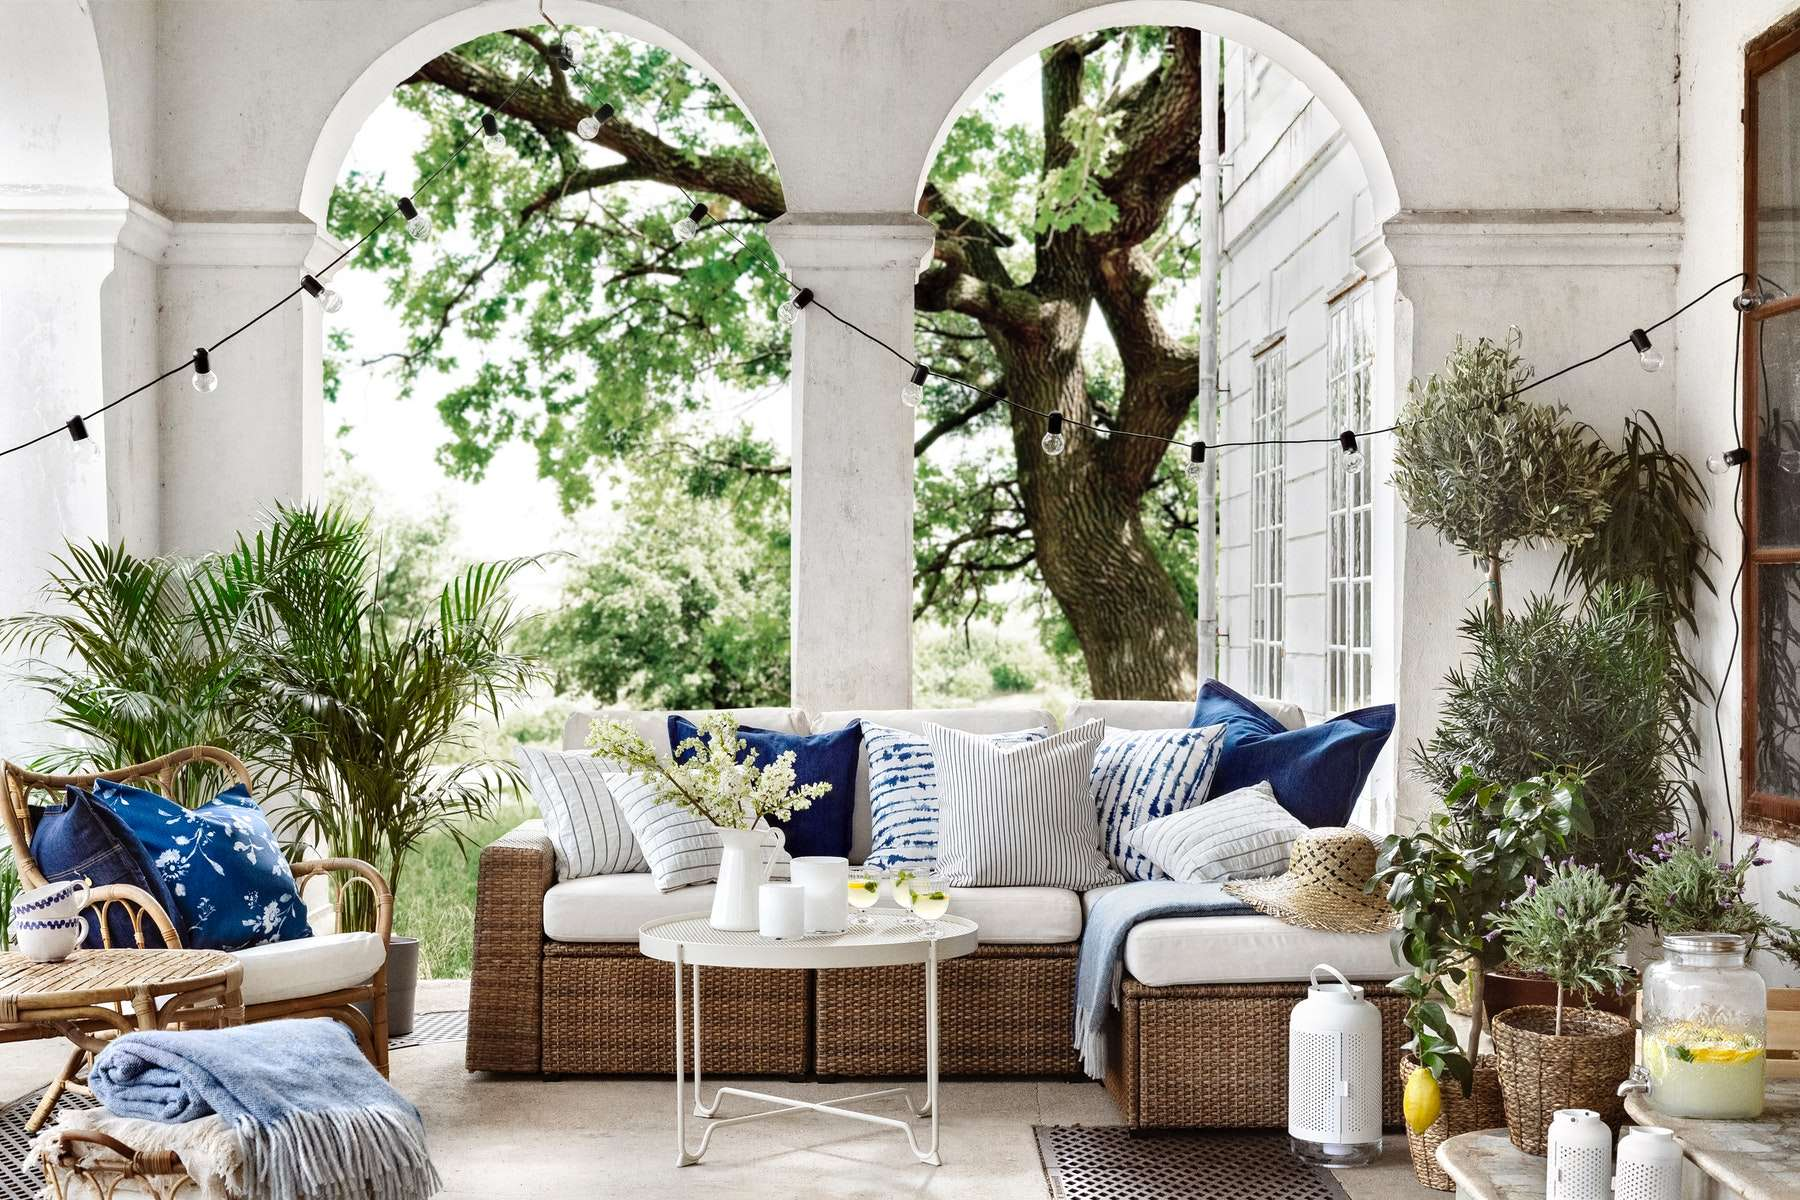 Идеи от IKEA: тренды в интерьере весны и лета 2020 года